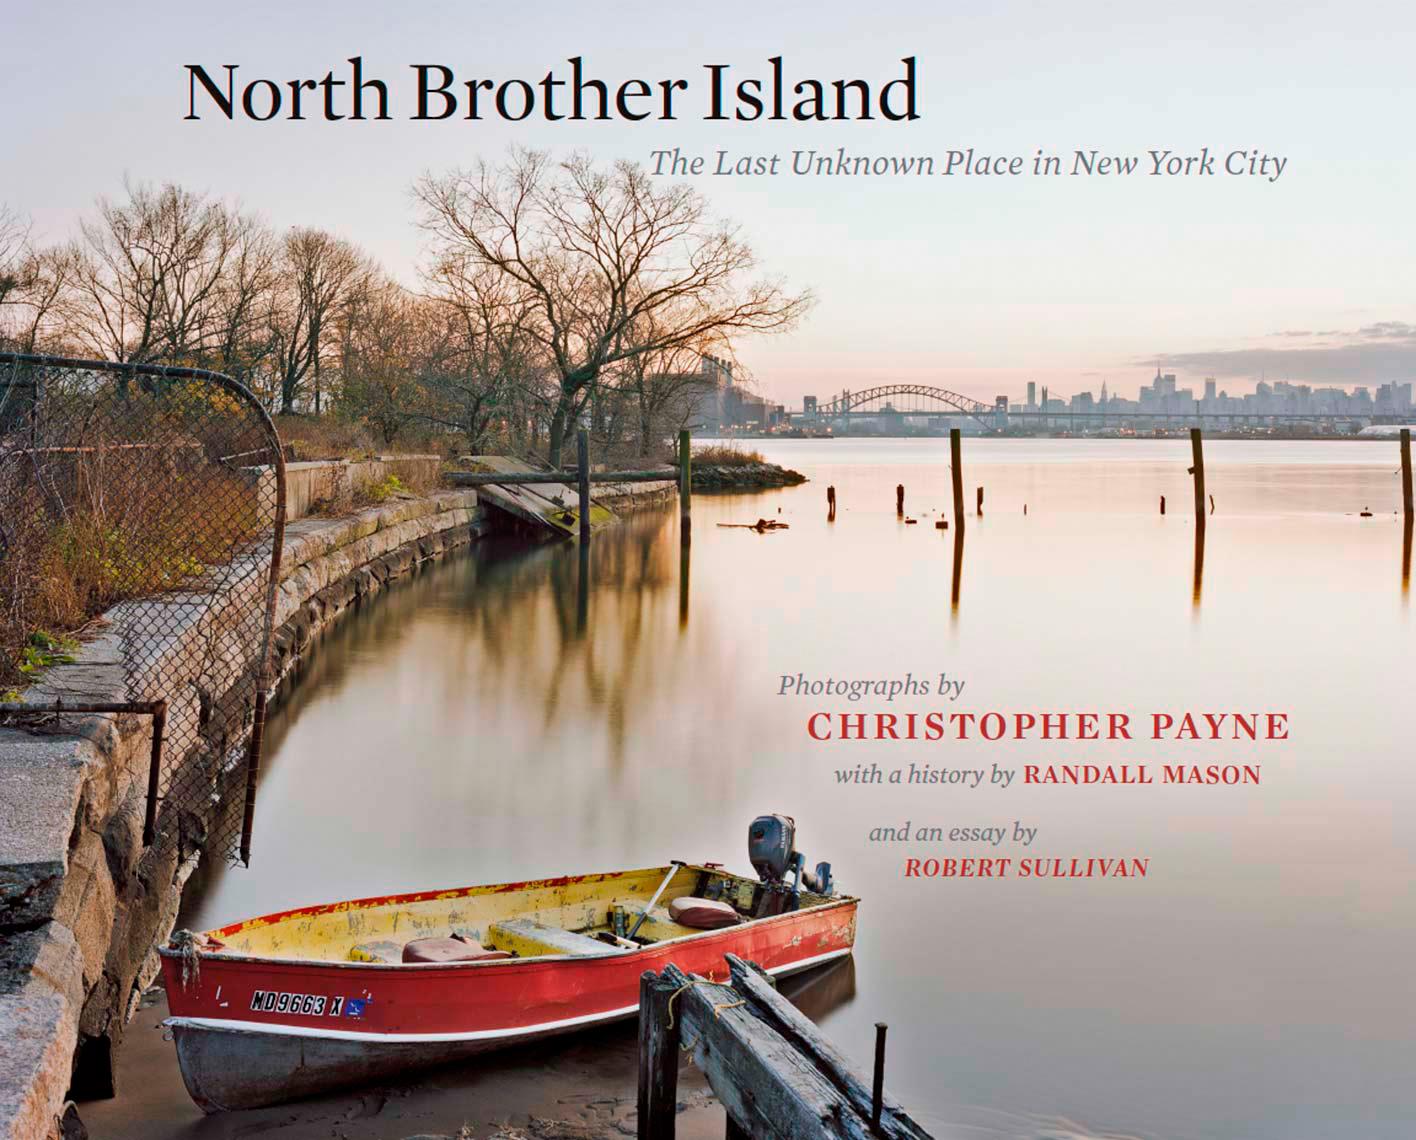 NBI_Book-Cover.jpg